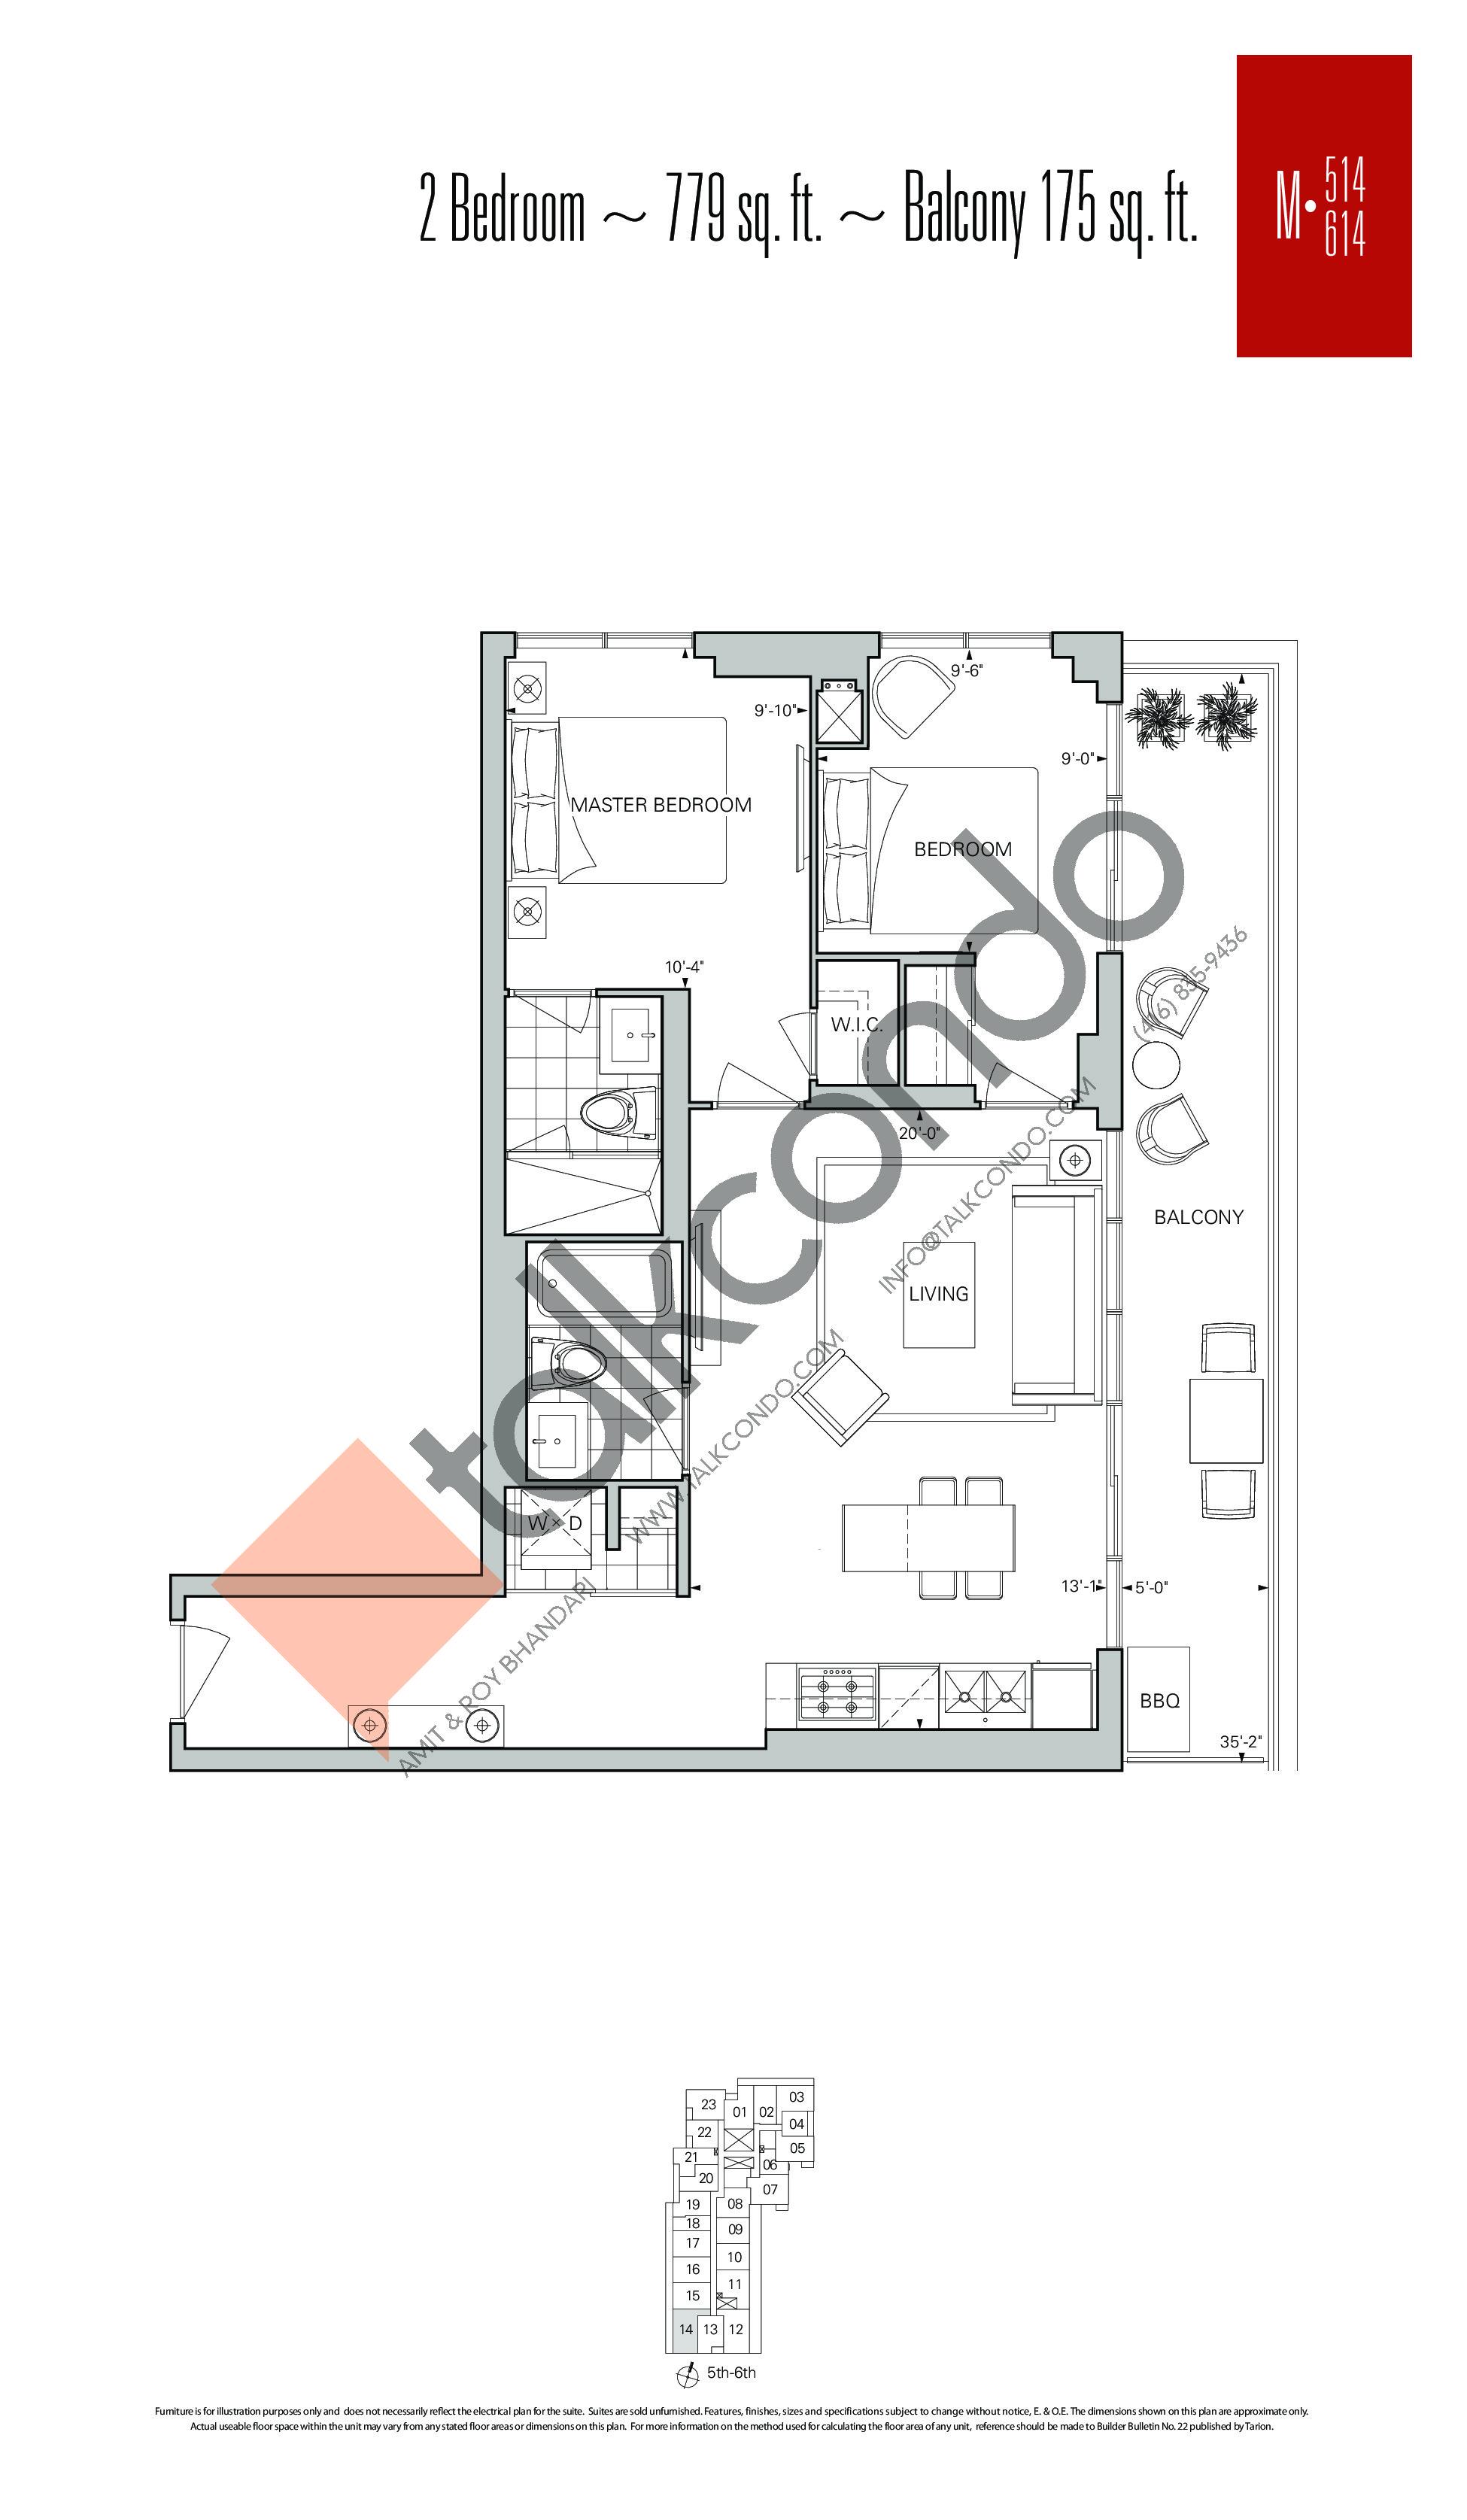 M-514 | M-614 Floor Plan at Rise Condos - 779 sq.ft